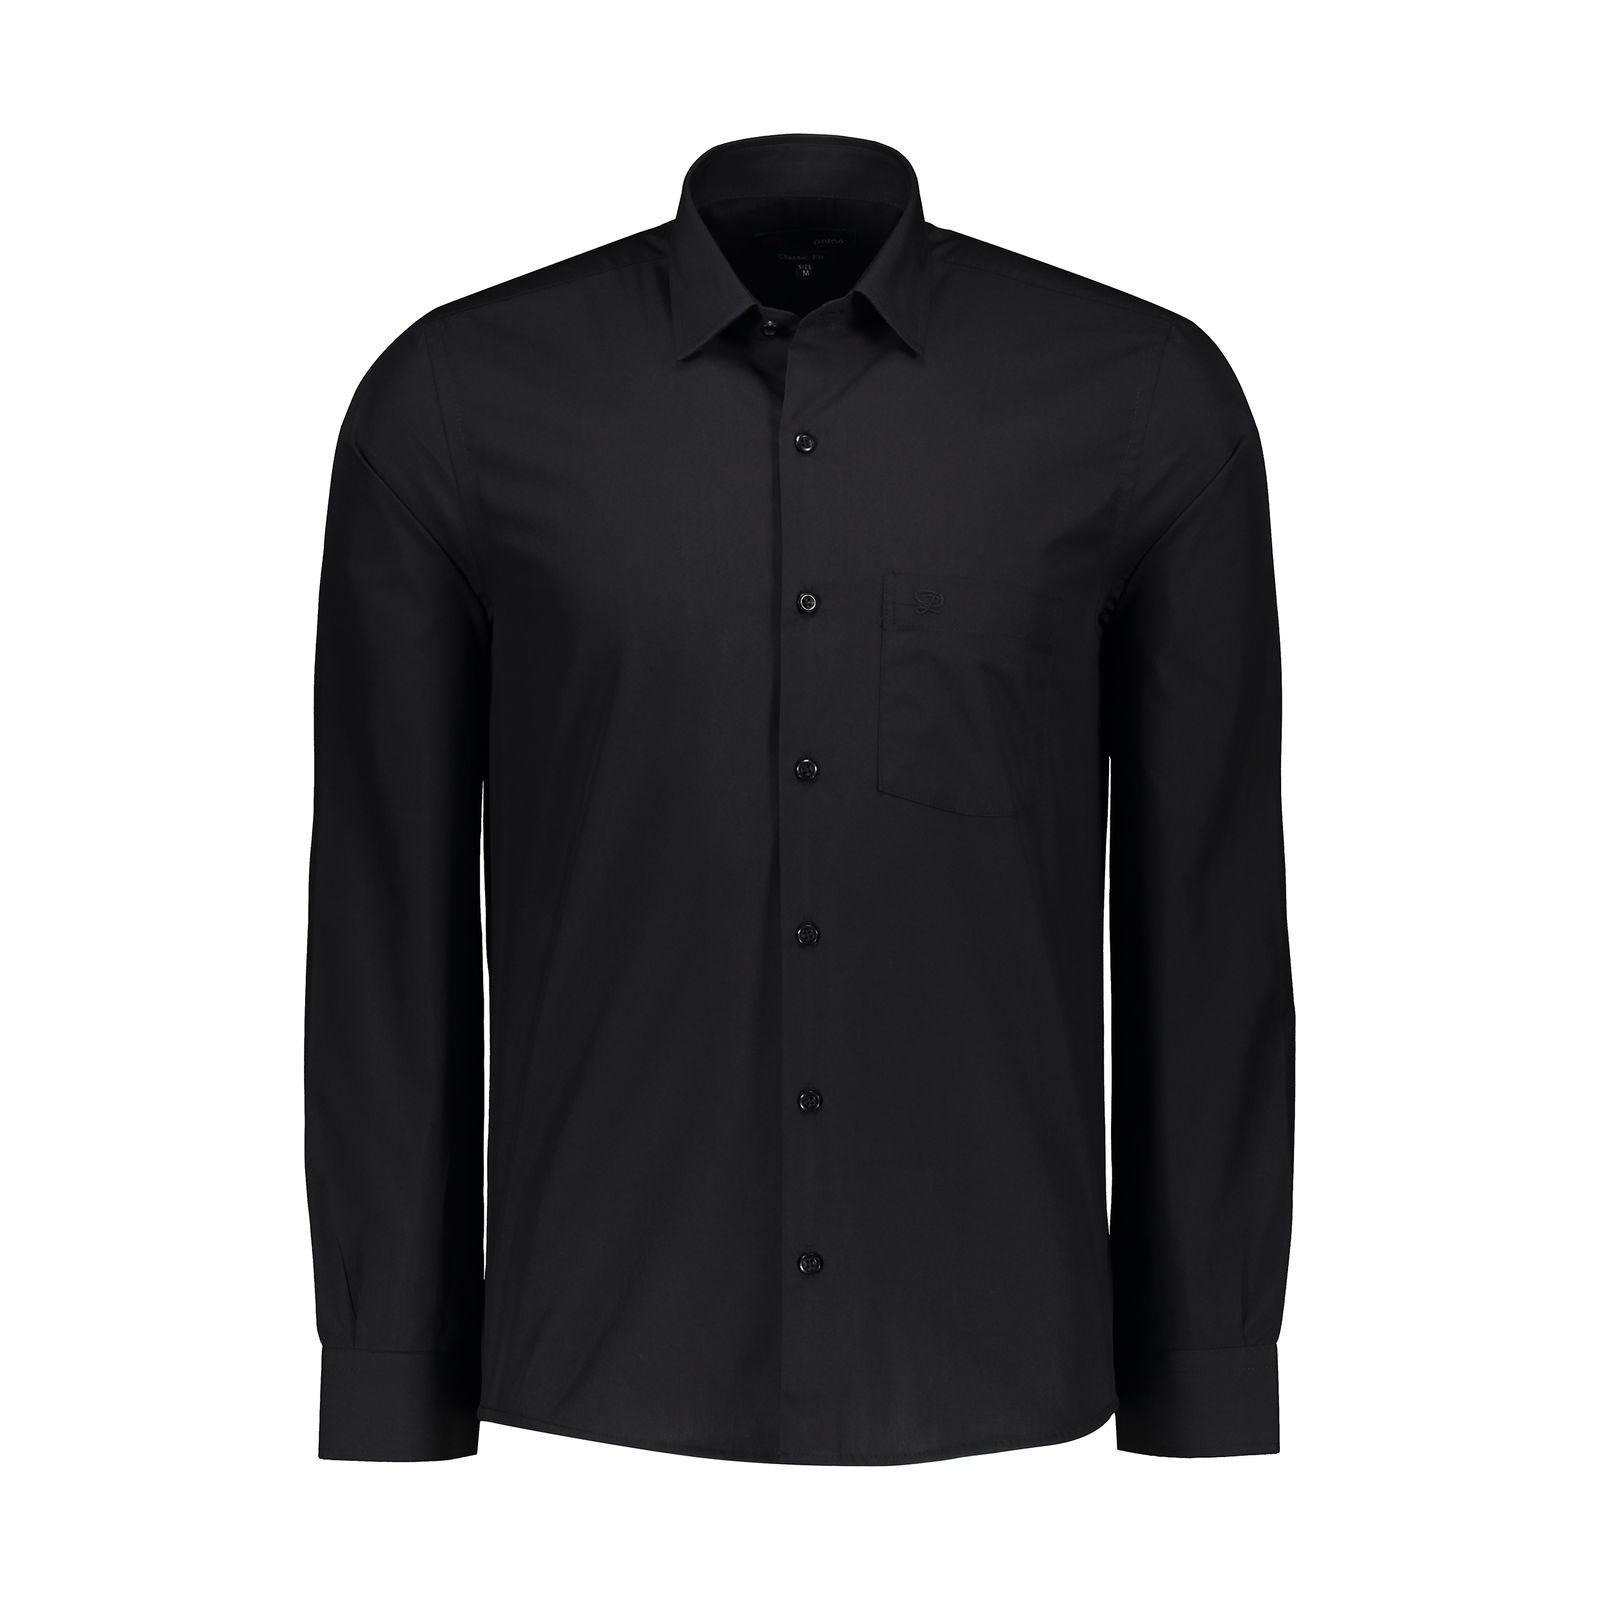 پیراهن مردانه پاتن جامه کد 98MC8528 رنگ مشکی  -  - 2